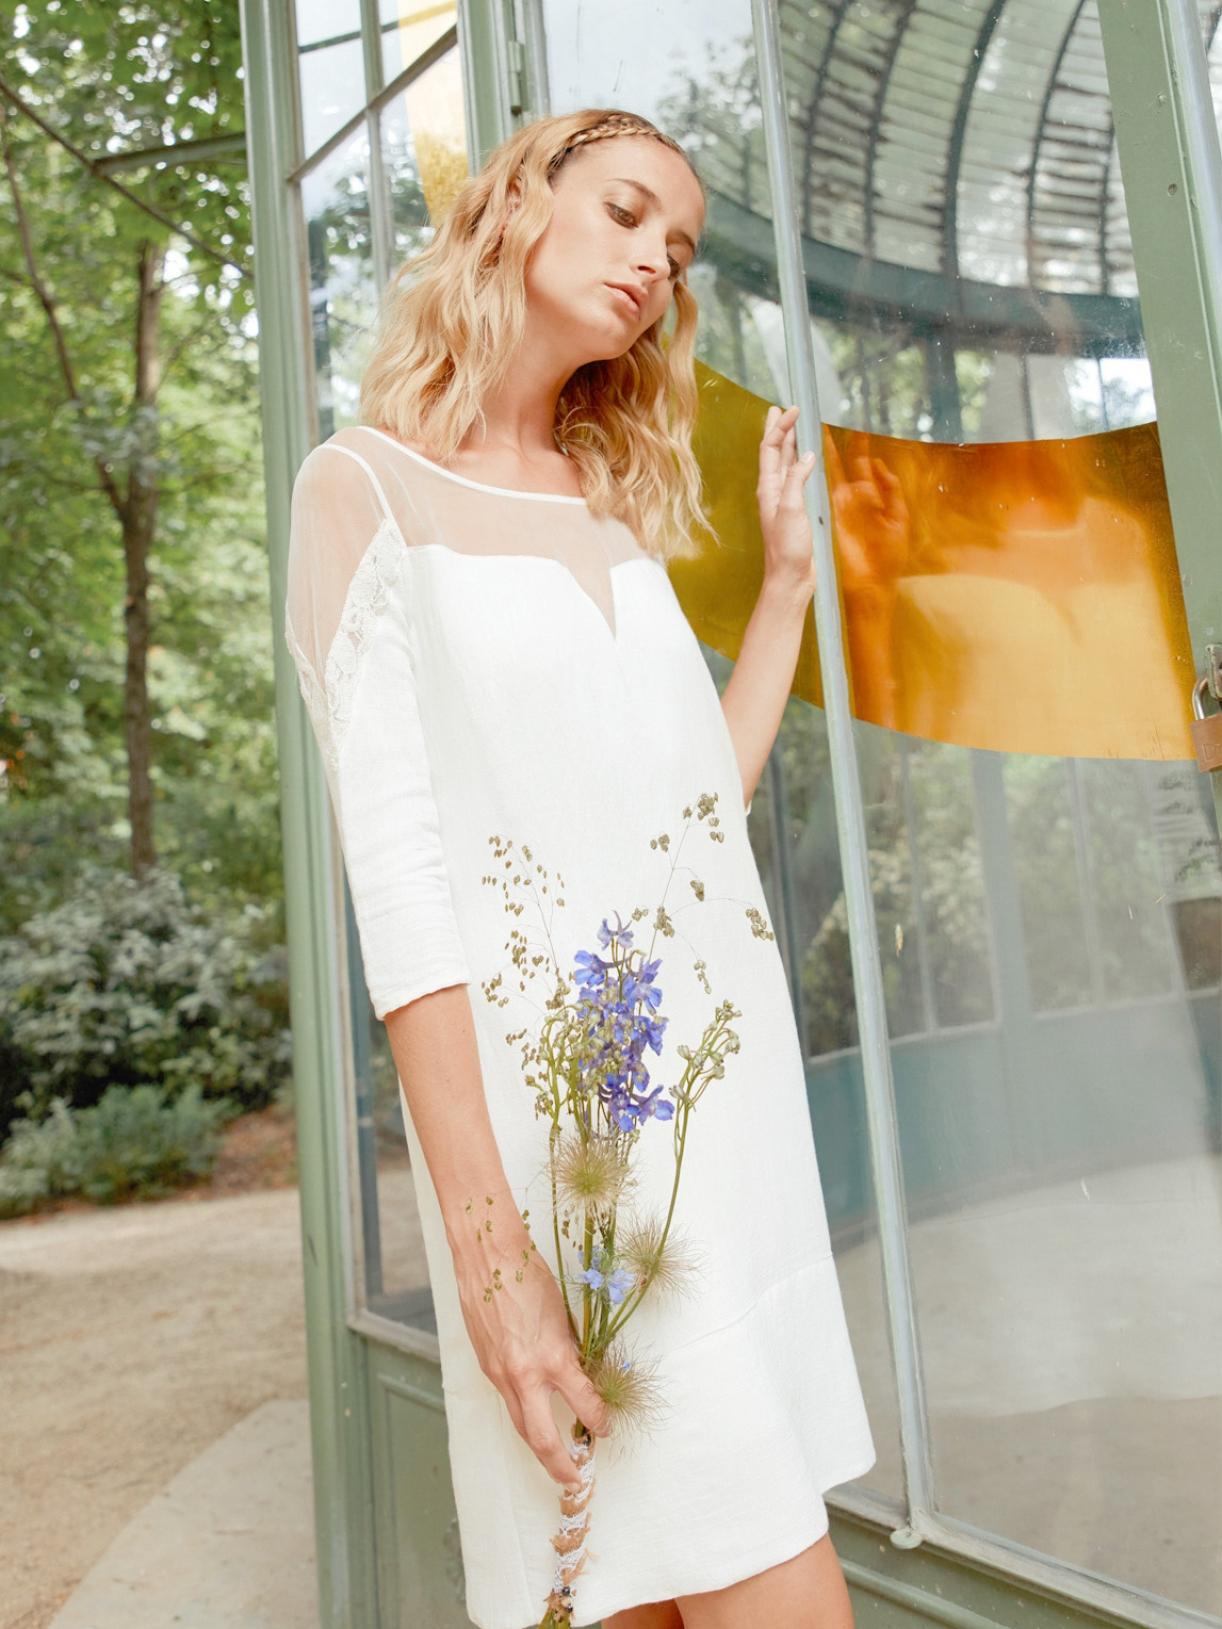 ELSA - Robe de mariée courte ajourée transparente - Robe de mariée créateur et sur-mesure pas cher a Paris - Myphilosophy